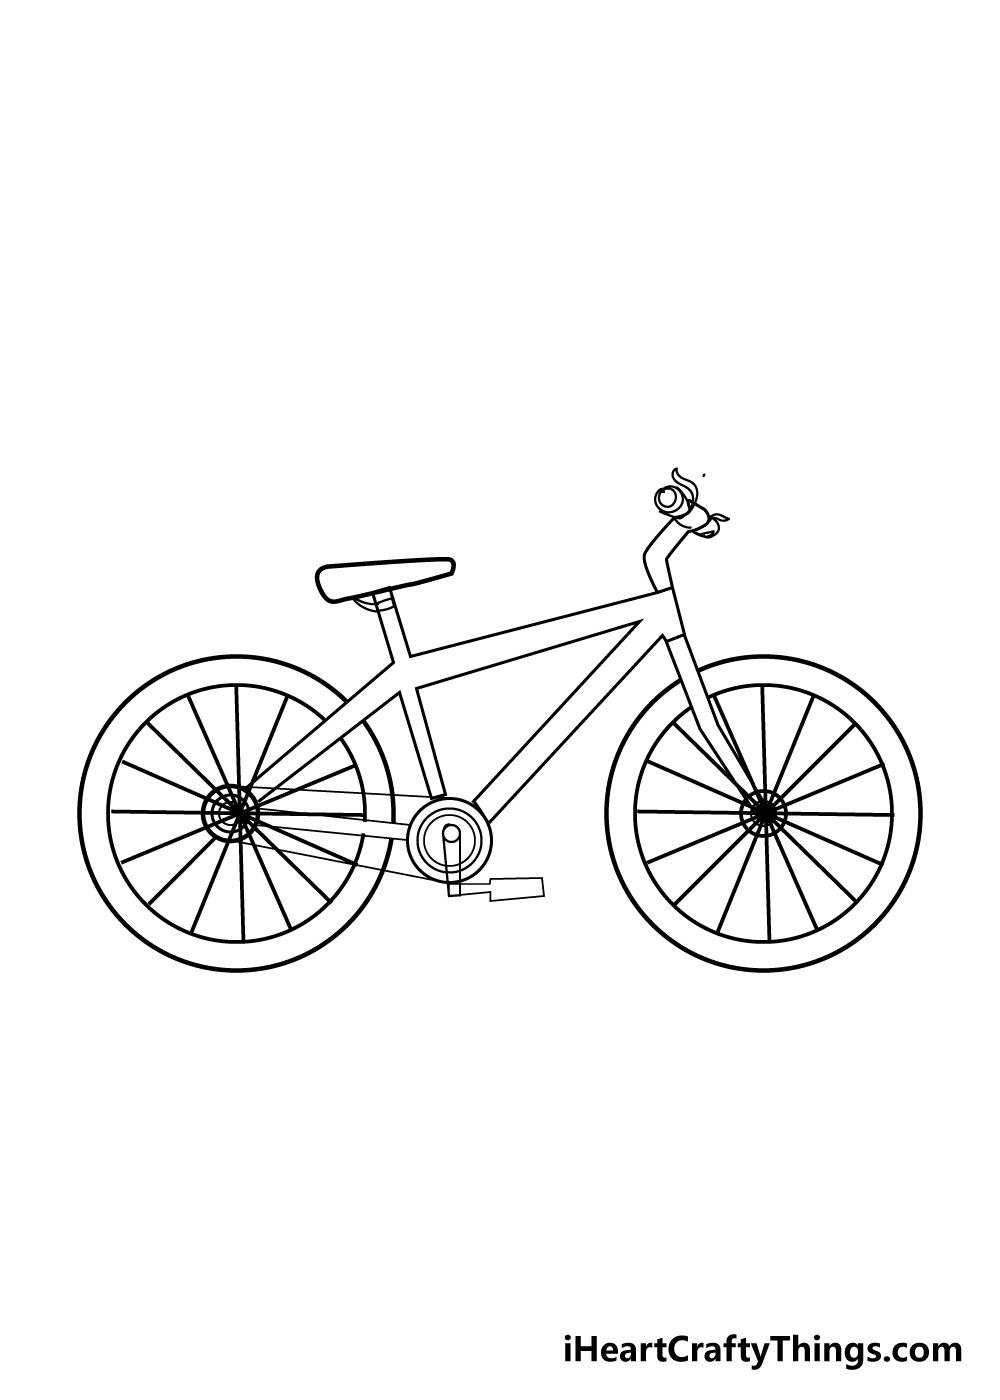 bike drawing step 8